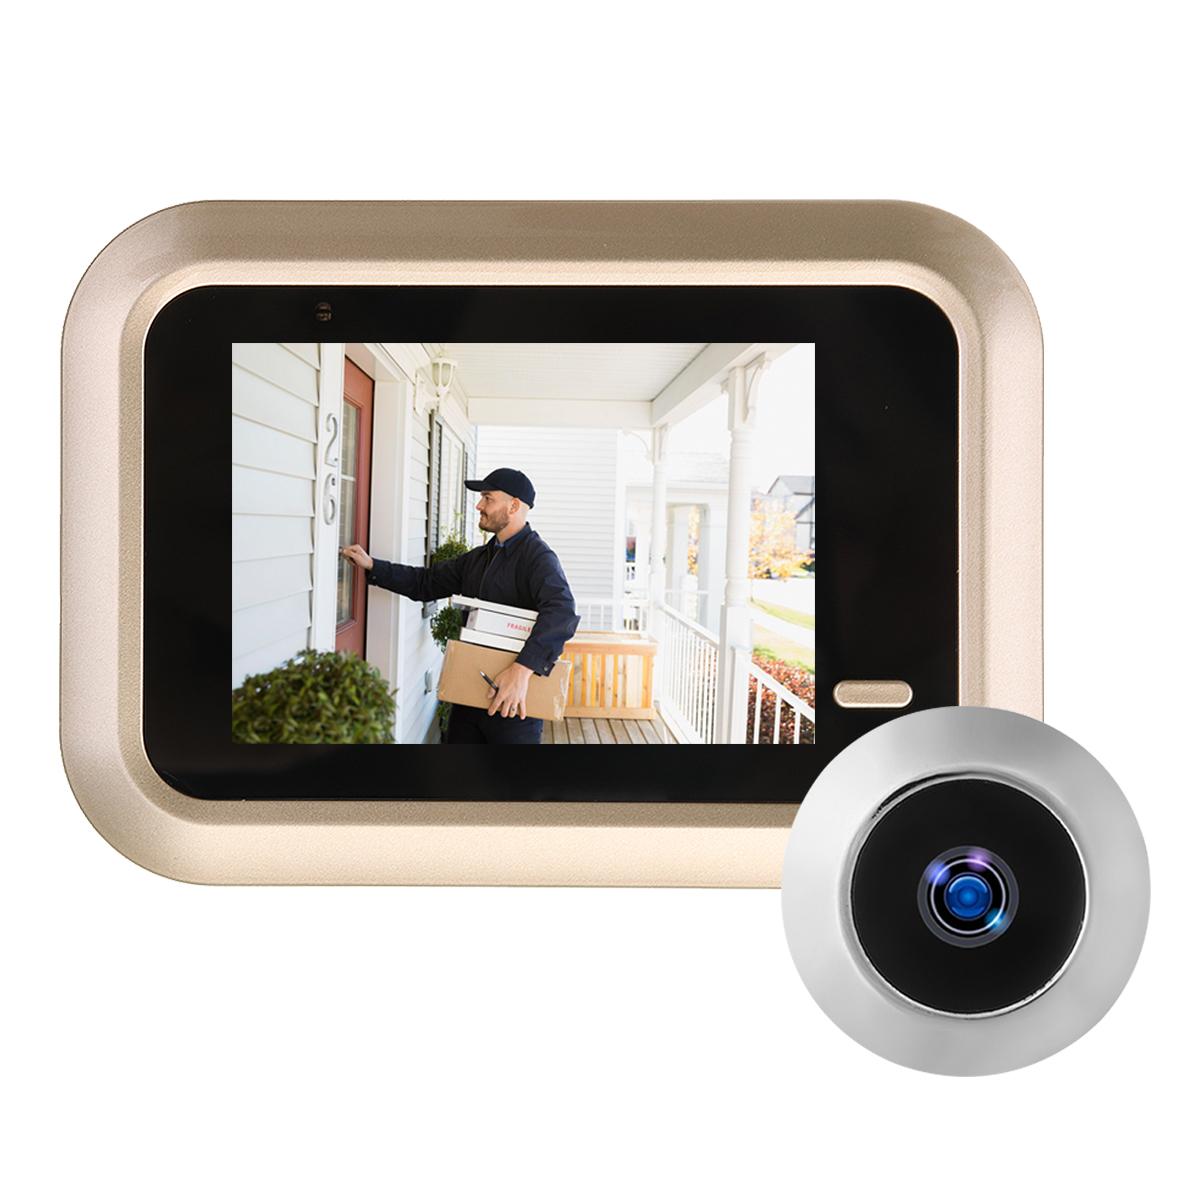 2.4 Inch LCD Digital Video Doorbell Viewer Peephole Security Door Eye Monitoring Camera